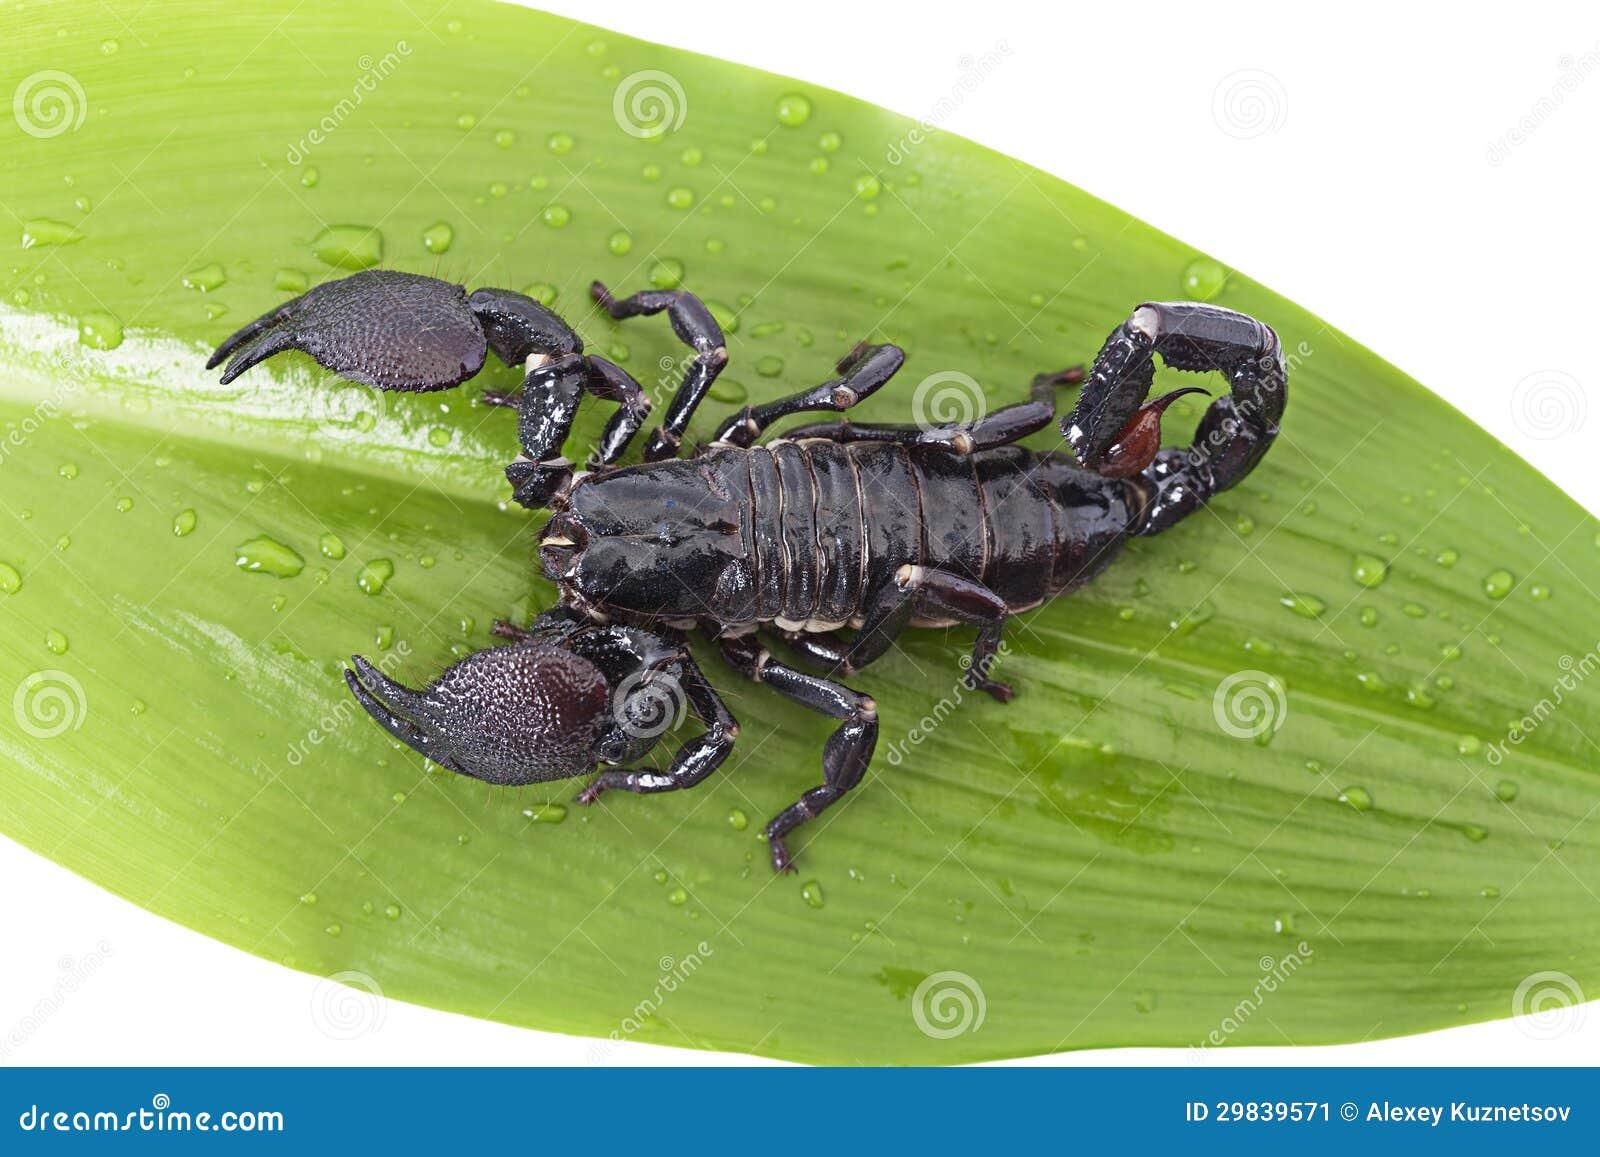 Escorpião em uma folha verde